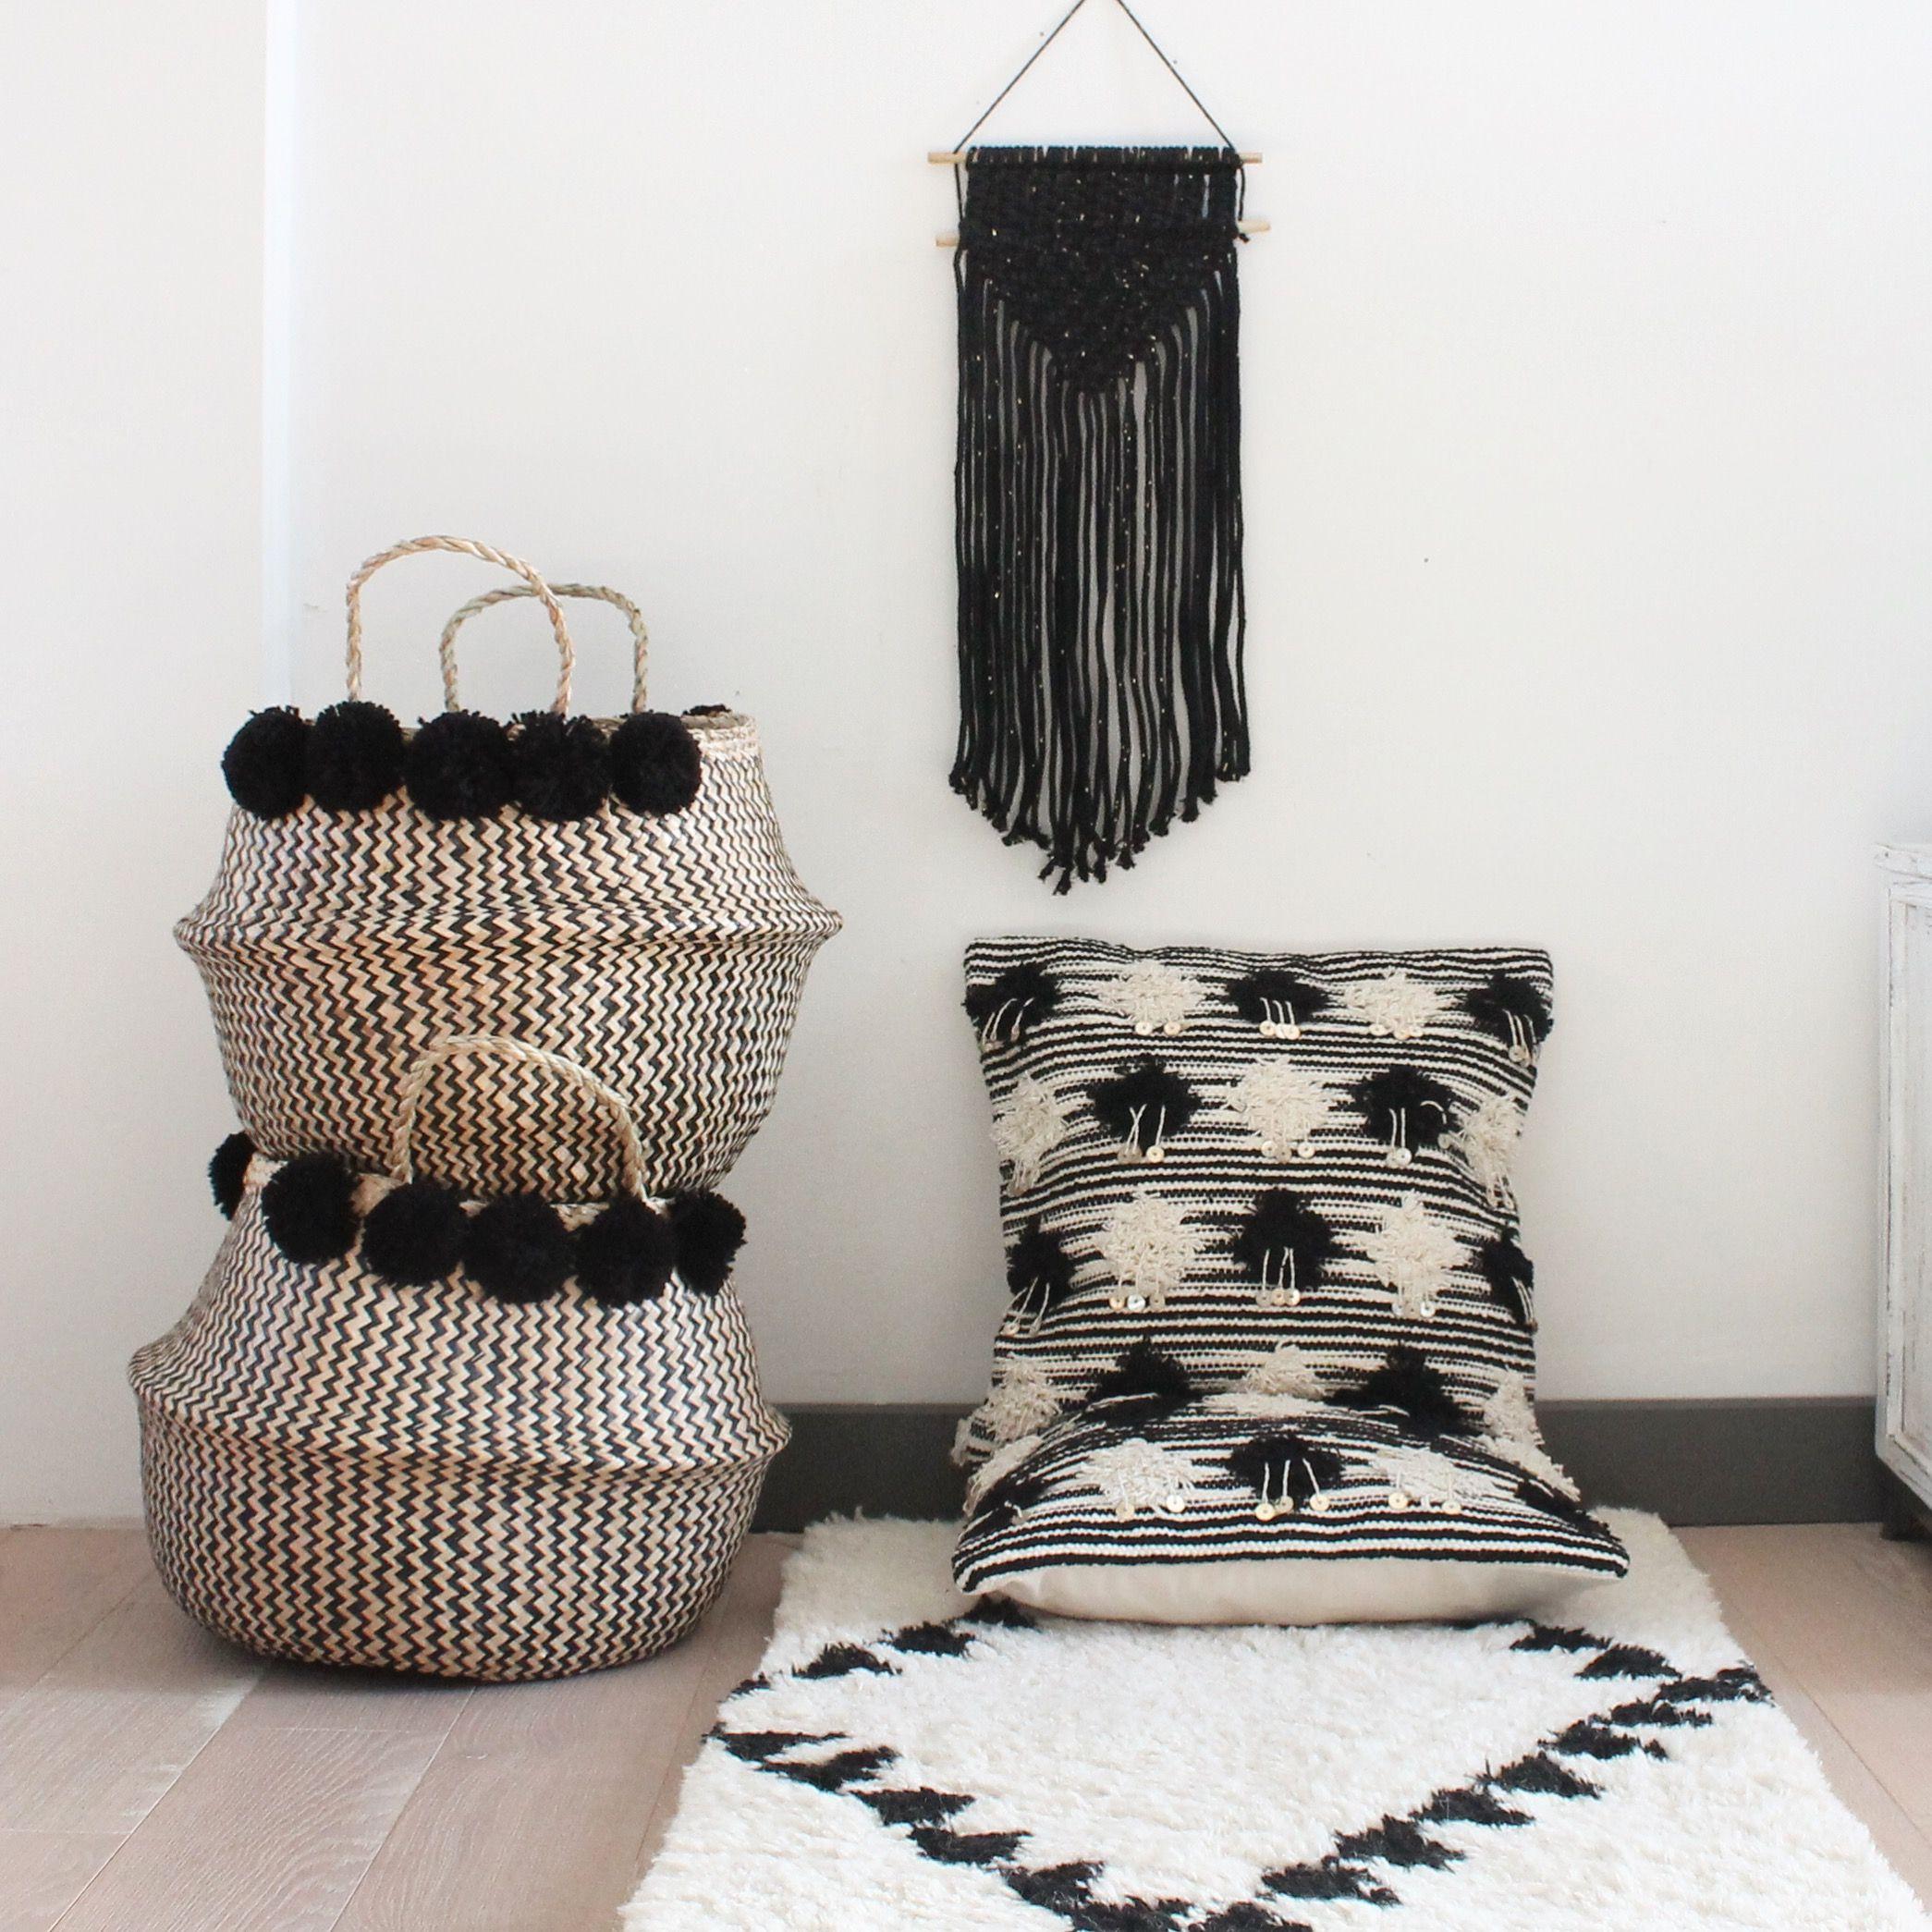 panier boule pompons et coussins berb re madam stoltz le. Black Bedroom Furniture Sets. Home Design Ideas